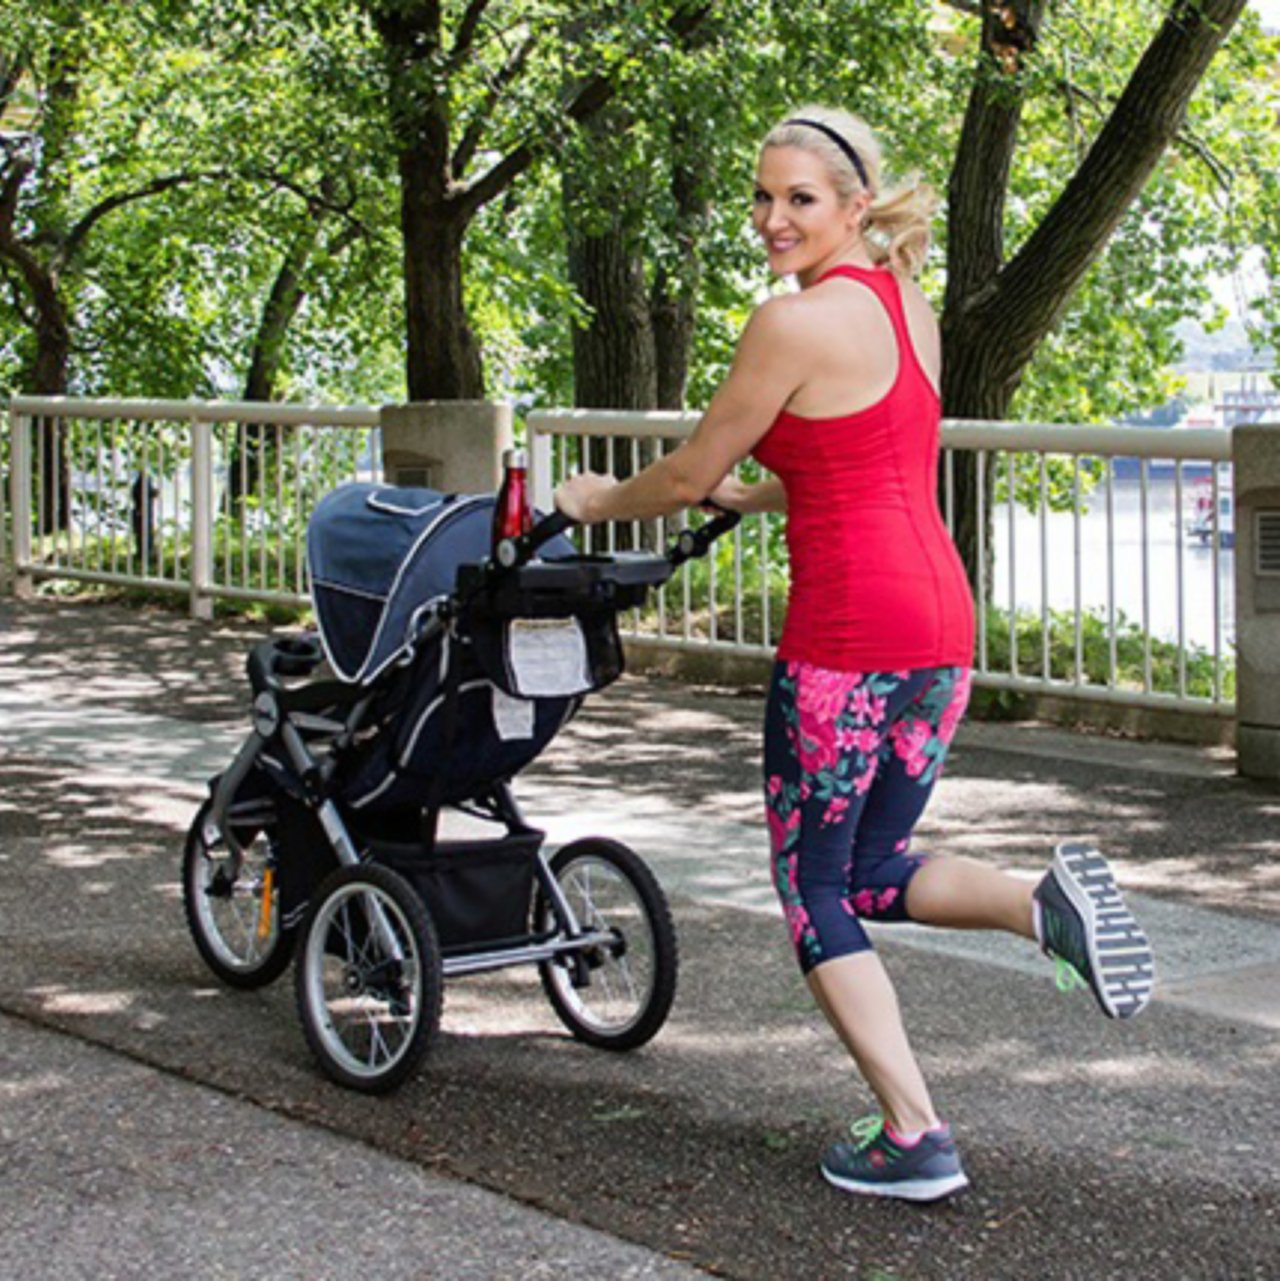 Kalorienverbrauch beim Joggen mit Baby